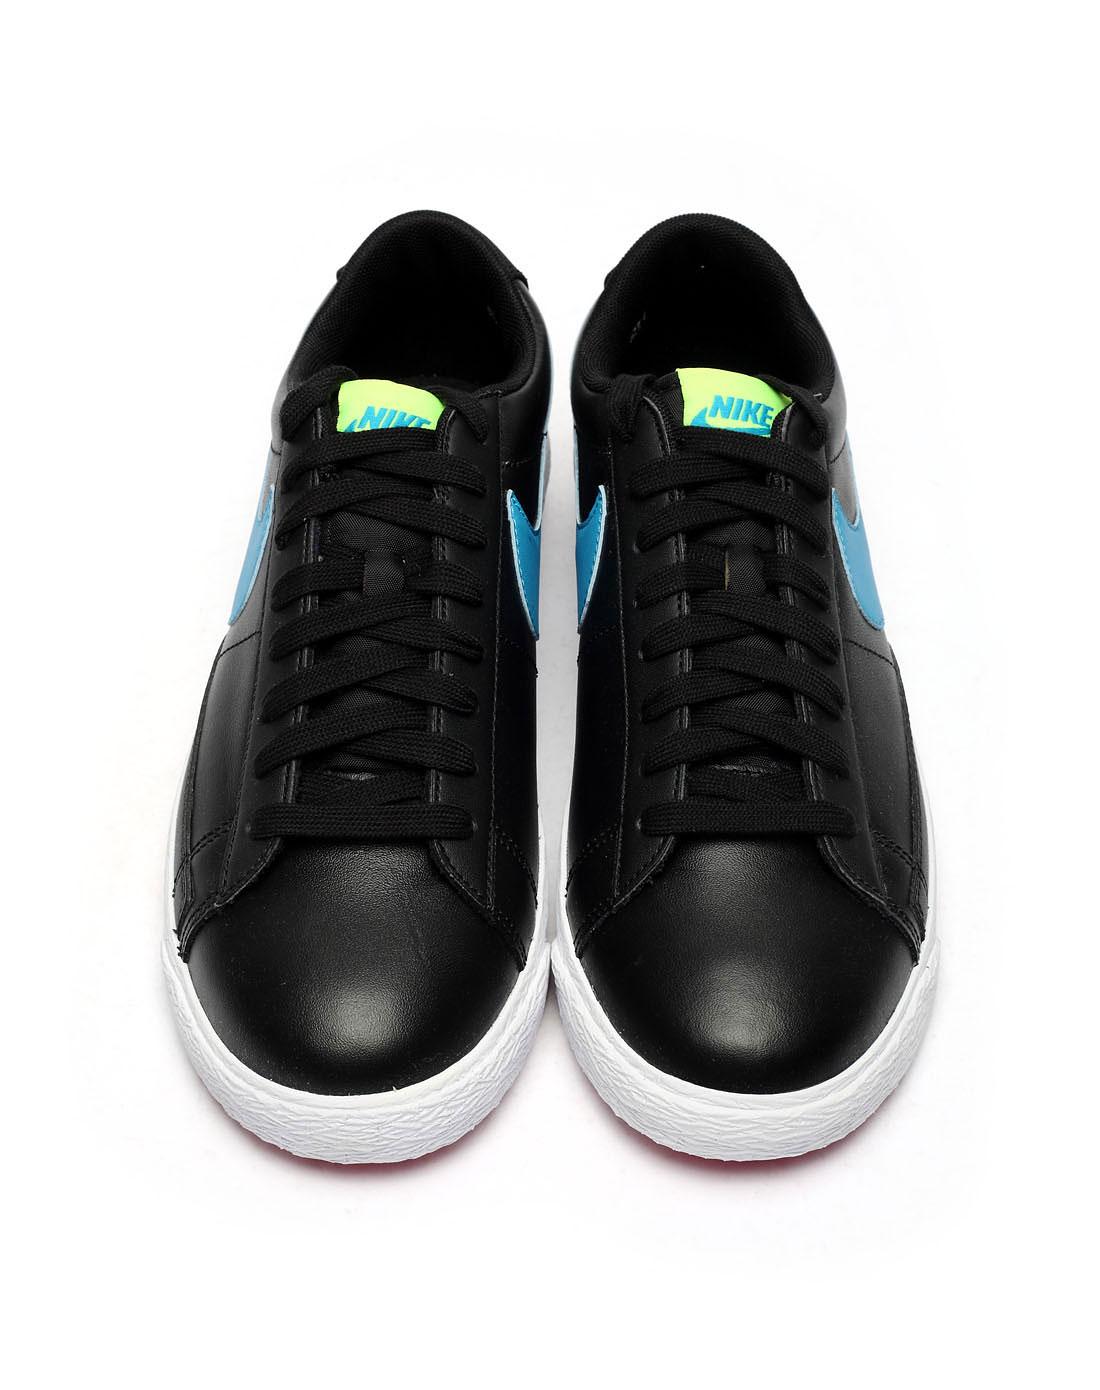 耐克nike 男子运动休闲系列黑色复古鞋